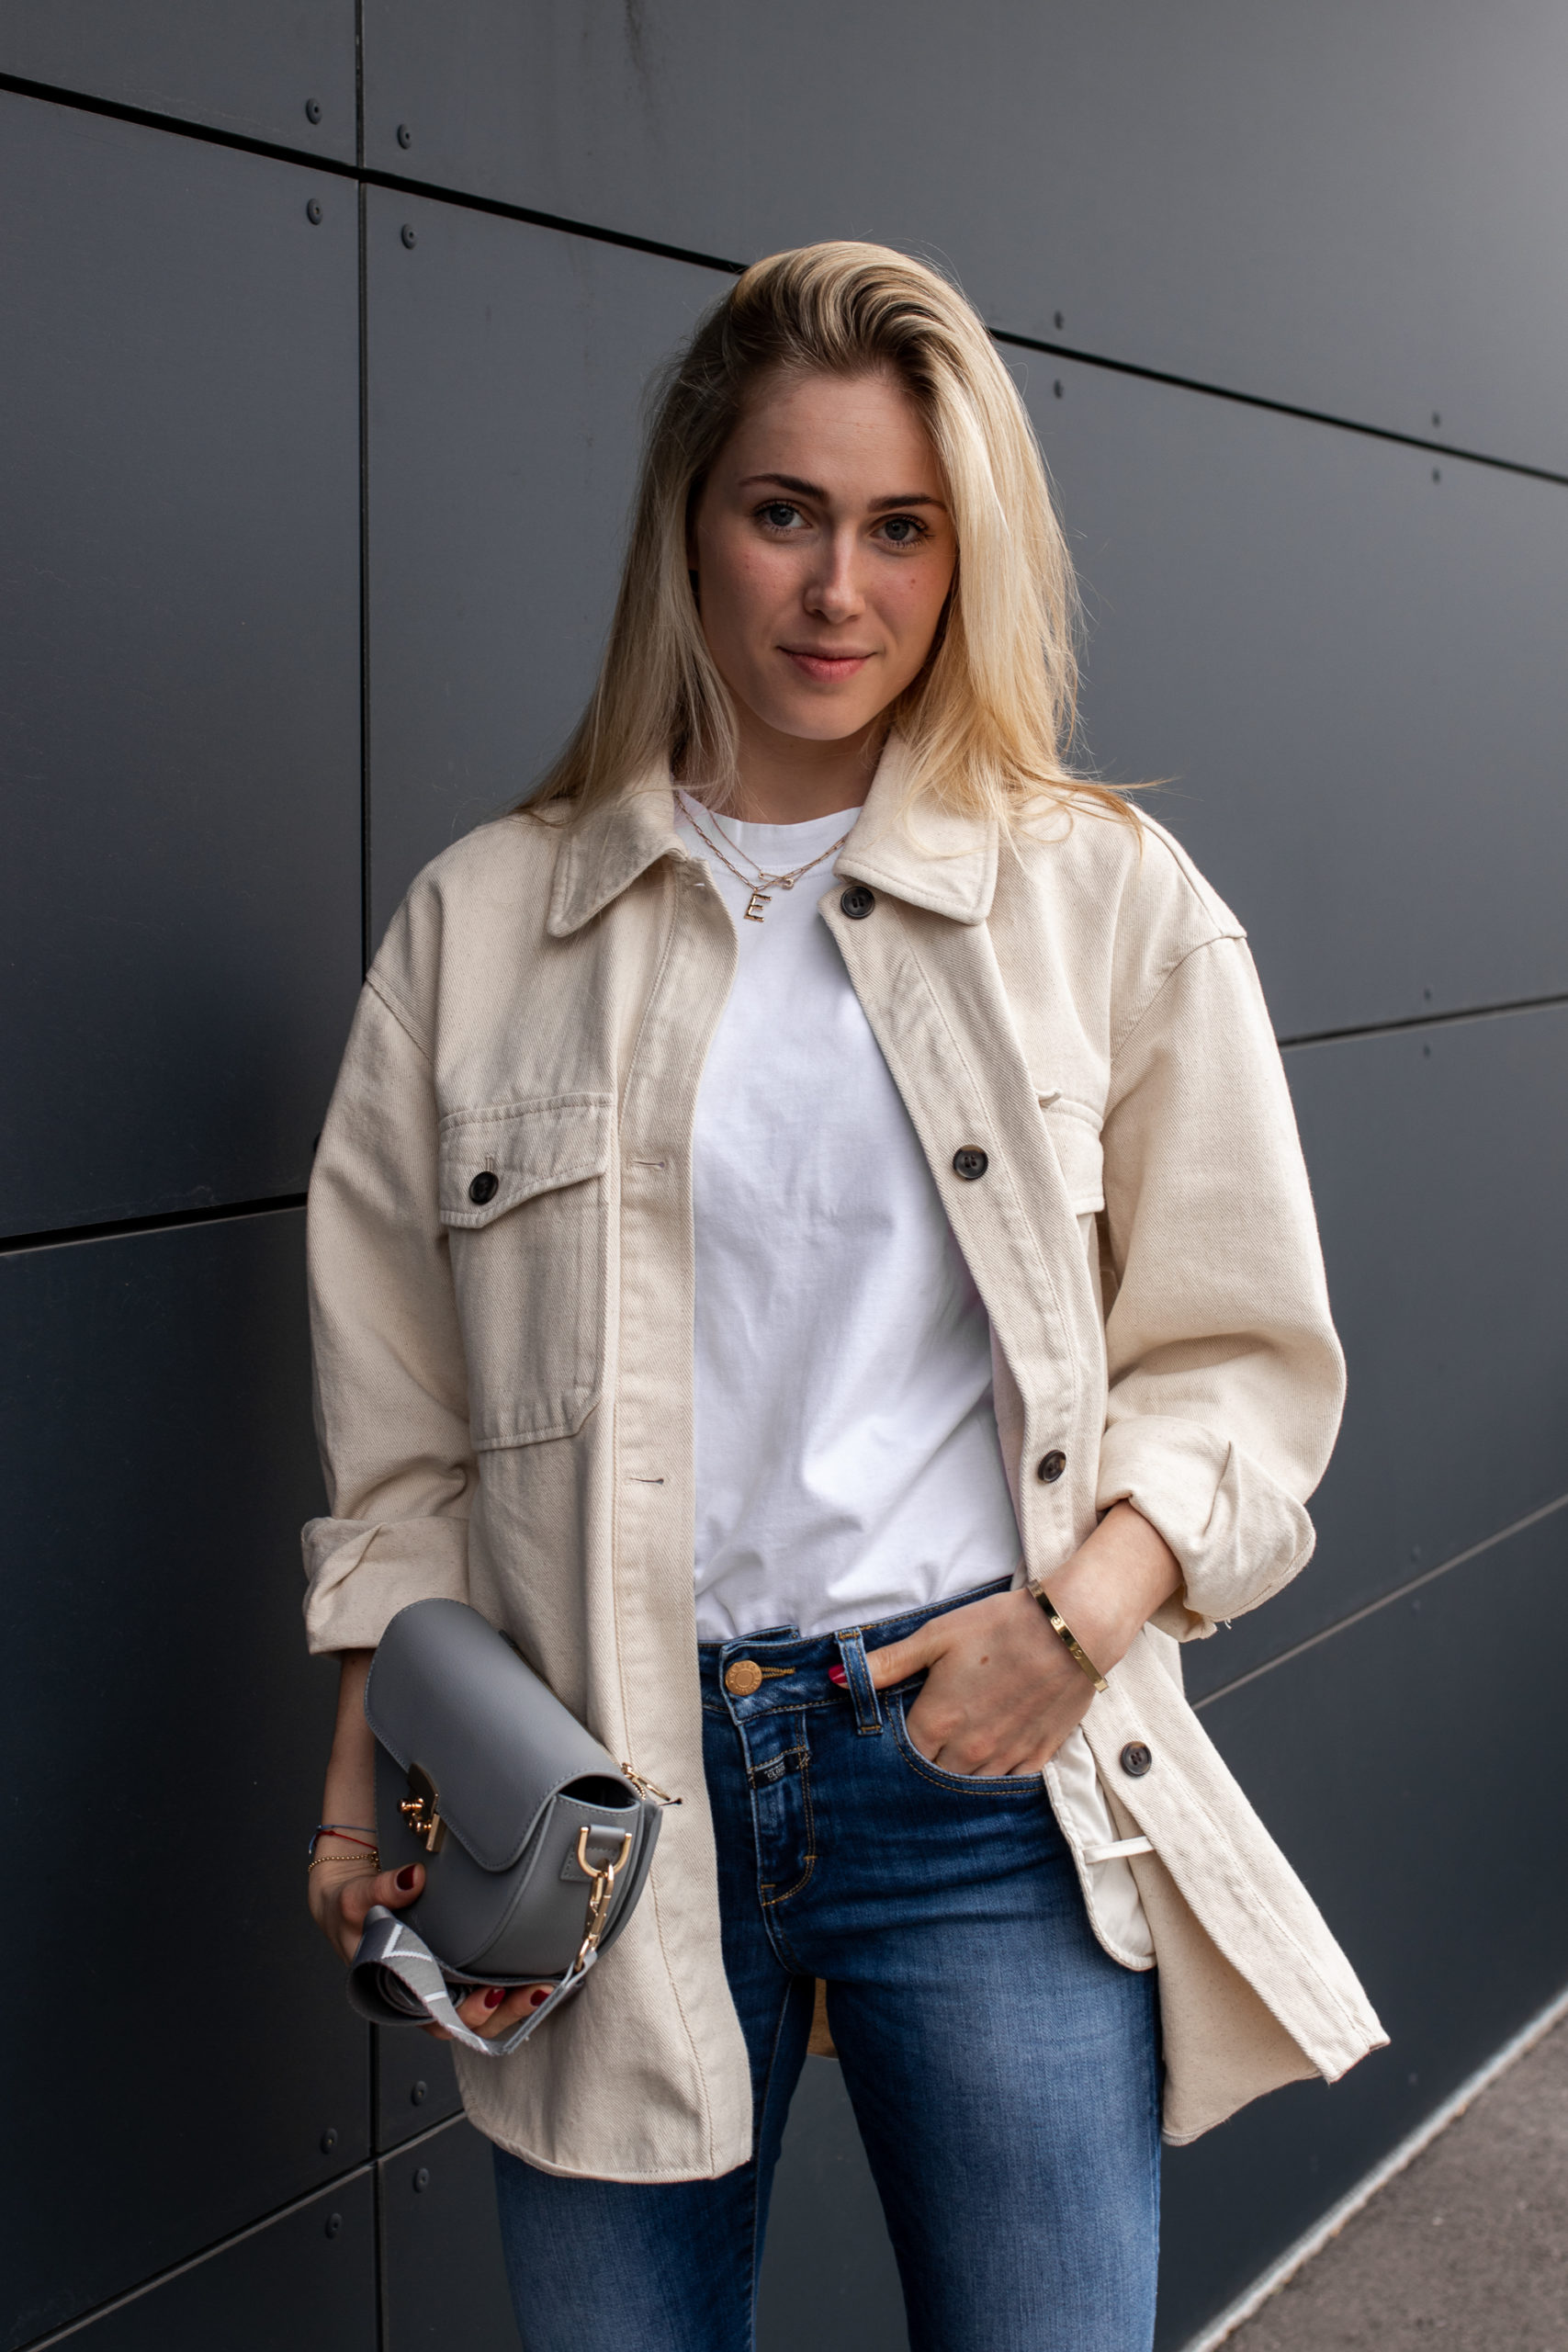 BLOG YOUR STYLE: Shackets auf dem österreichischen Lifestyle Blog Bits and Bobs by Eva. Mehr Outfits auf www.bitsandbobsbyeva.com